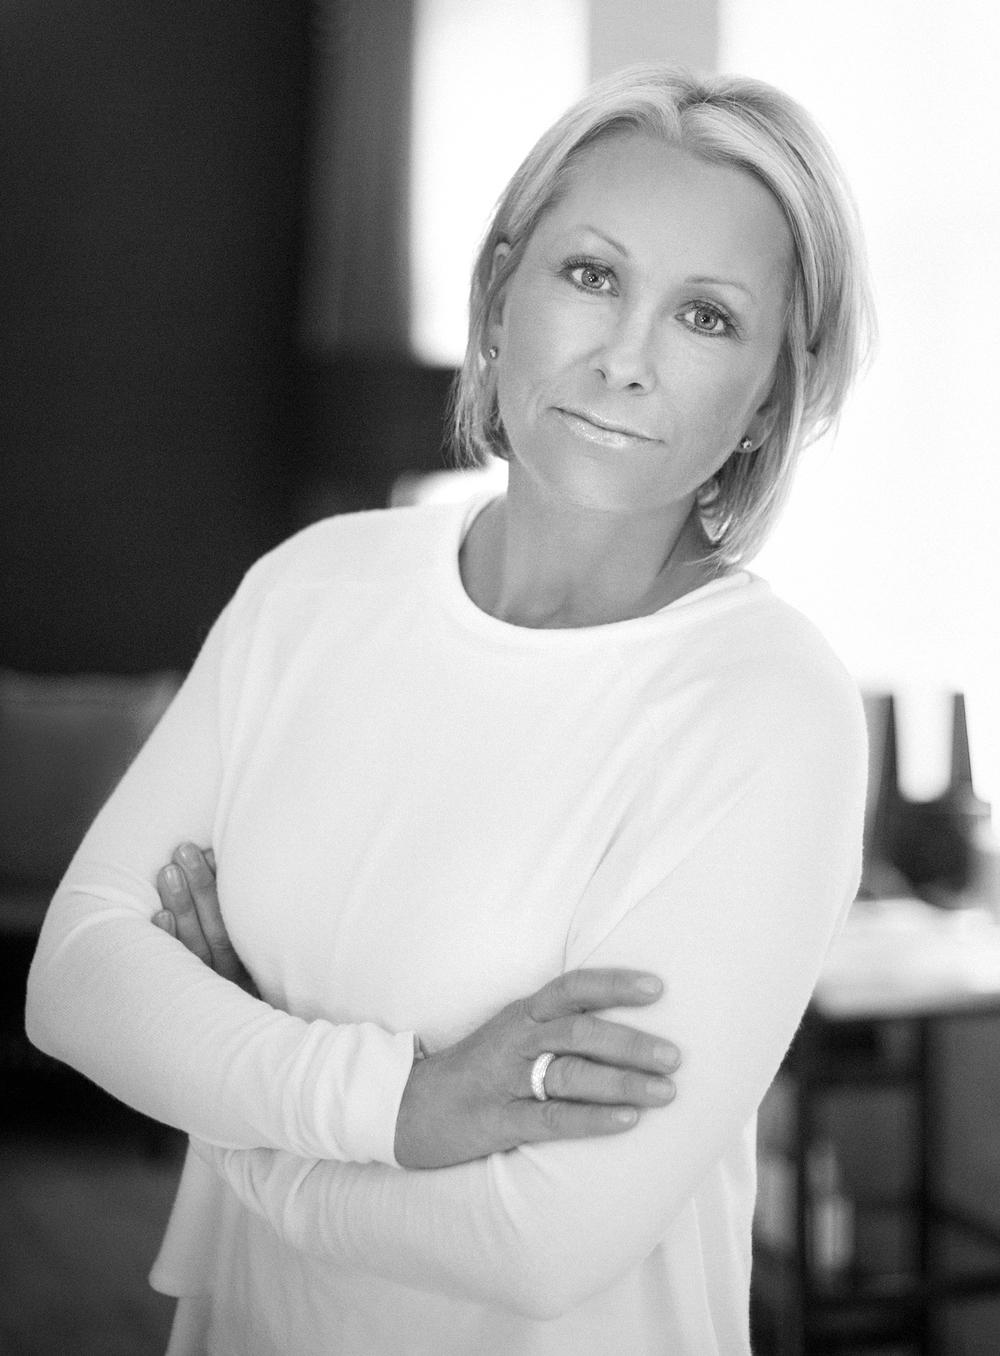 FOTO: Pia Sønstrød- Sønstrød fotografene